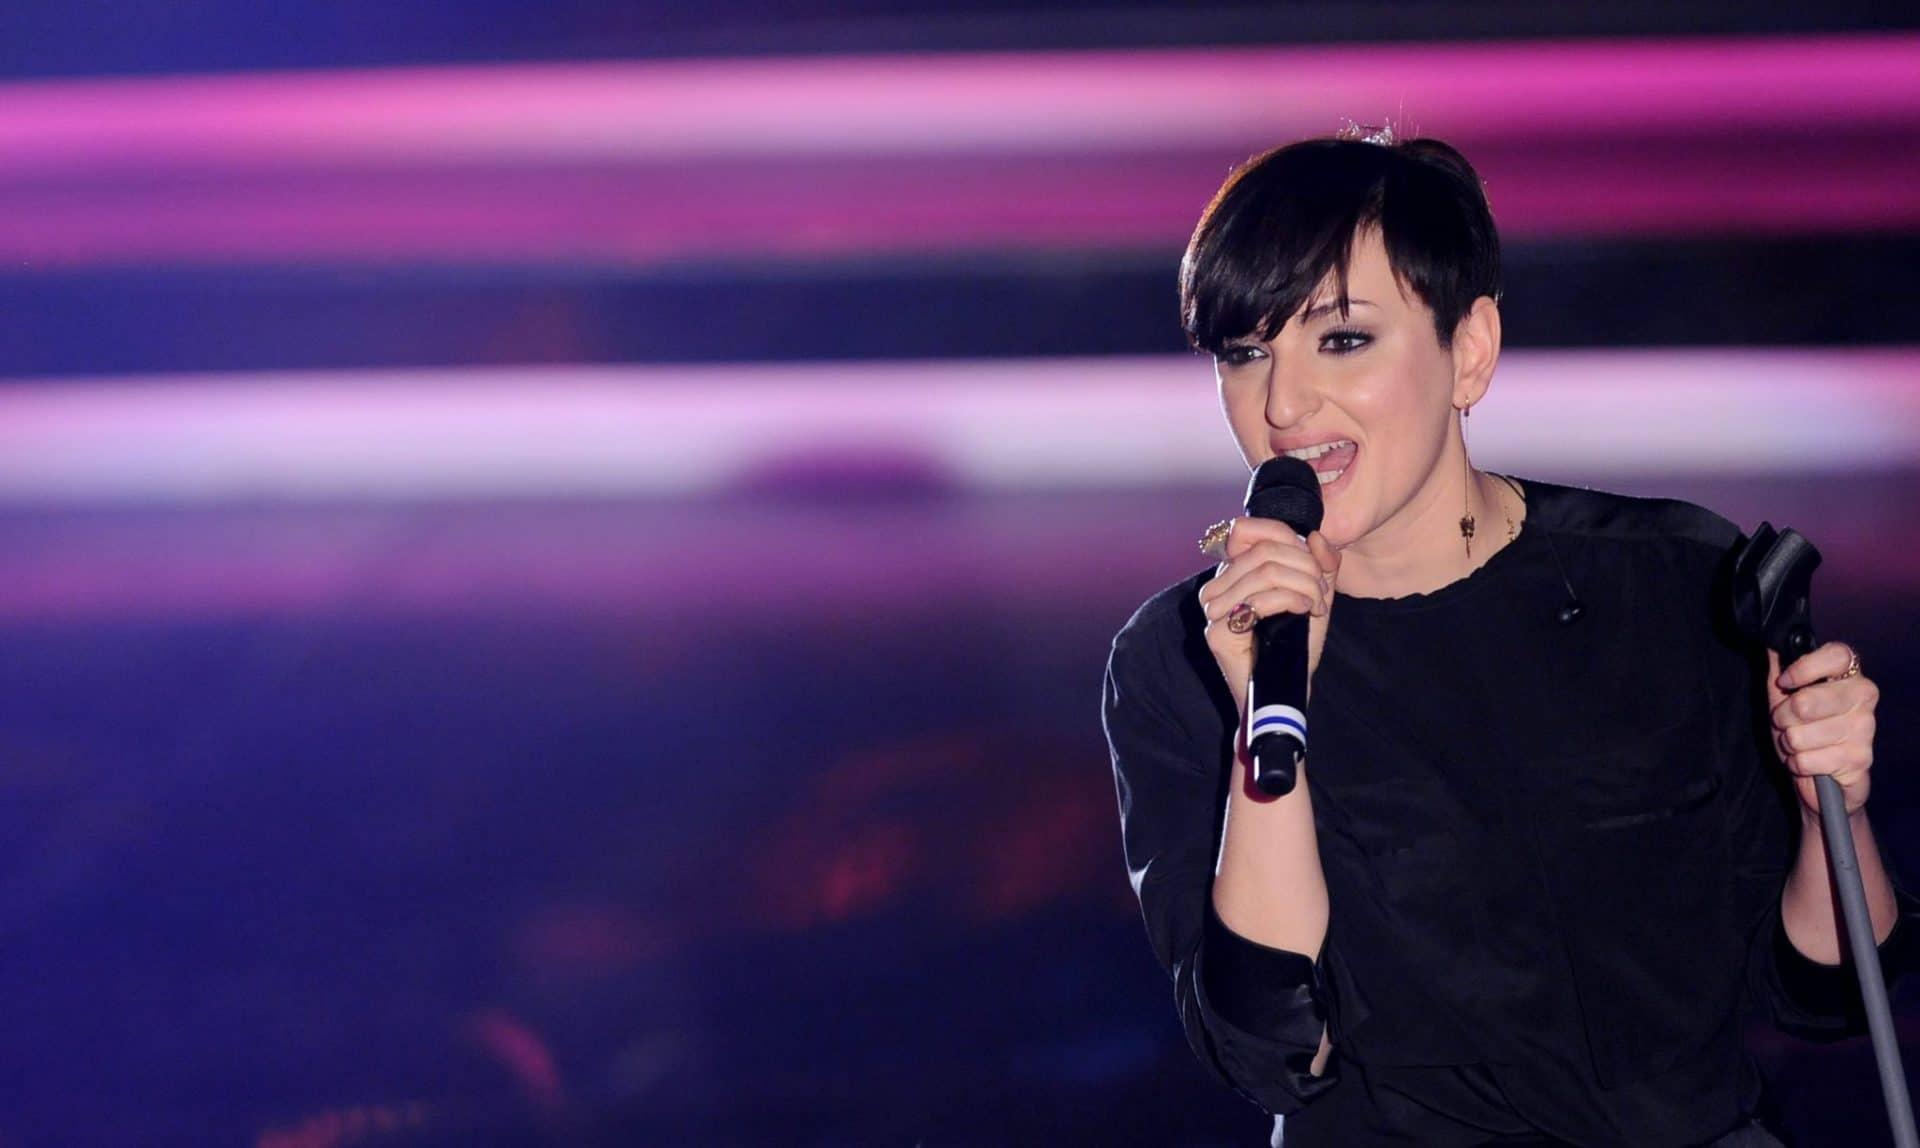 Mi sento bene: la canzone di Arisa a Sanremo 2019 | Testo e ...